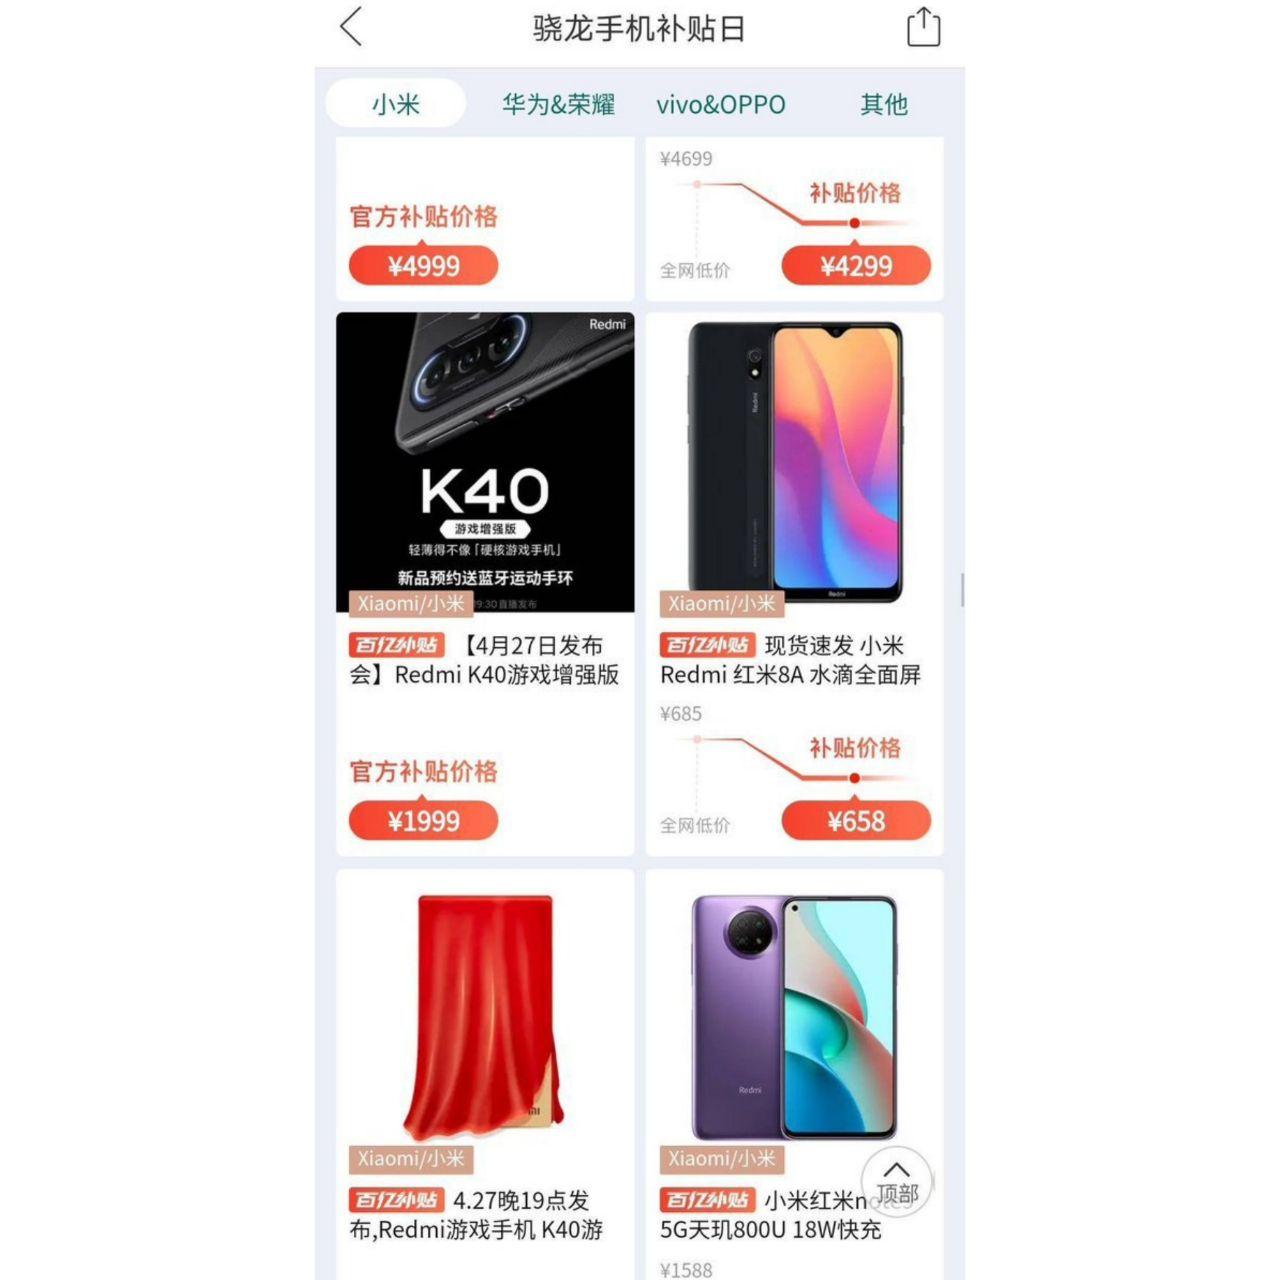 قیمت Redmi K40 Game Enhanced Edition